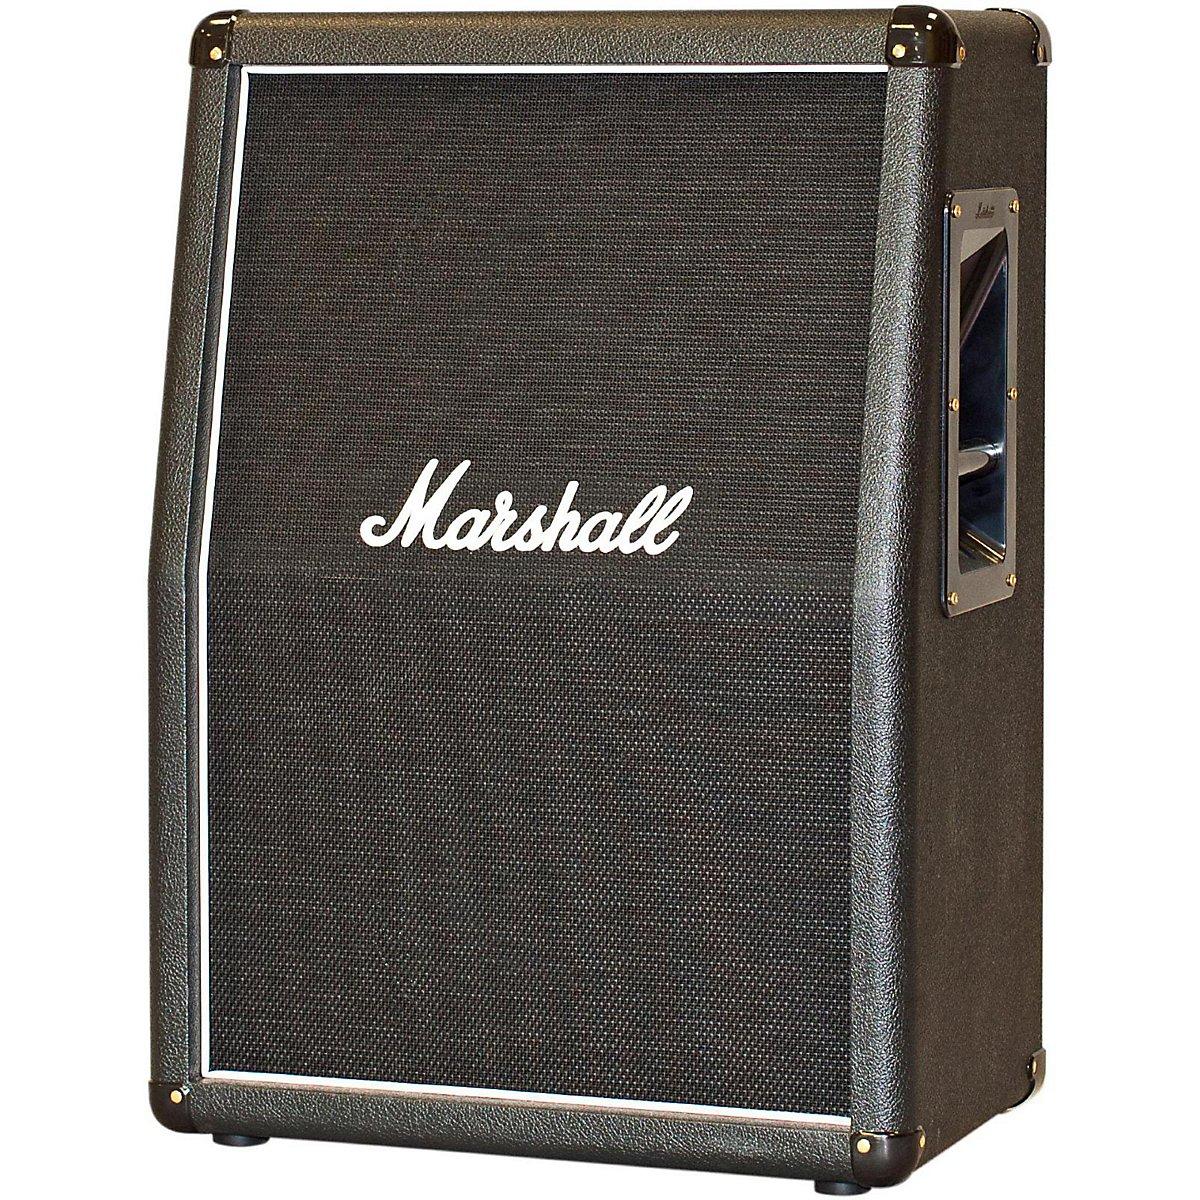 2x12 Speaker Cabinet Tuki Padded Cover For Marshall Mx212a Vertical 2x12 Speaker